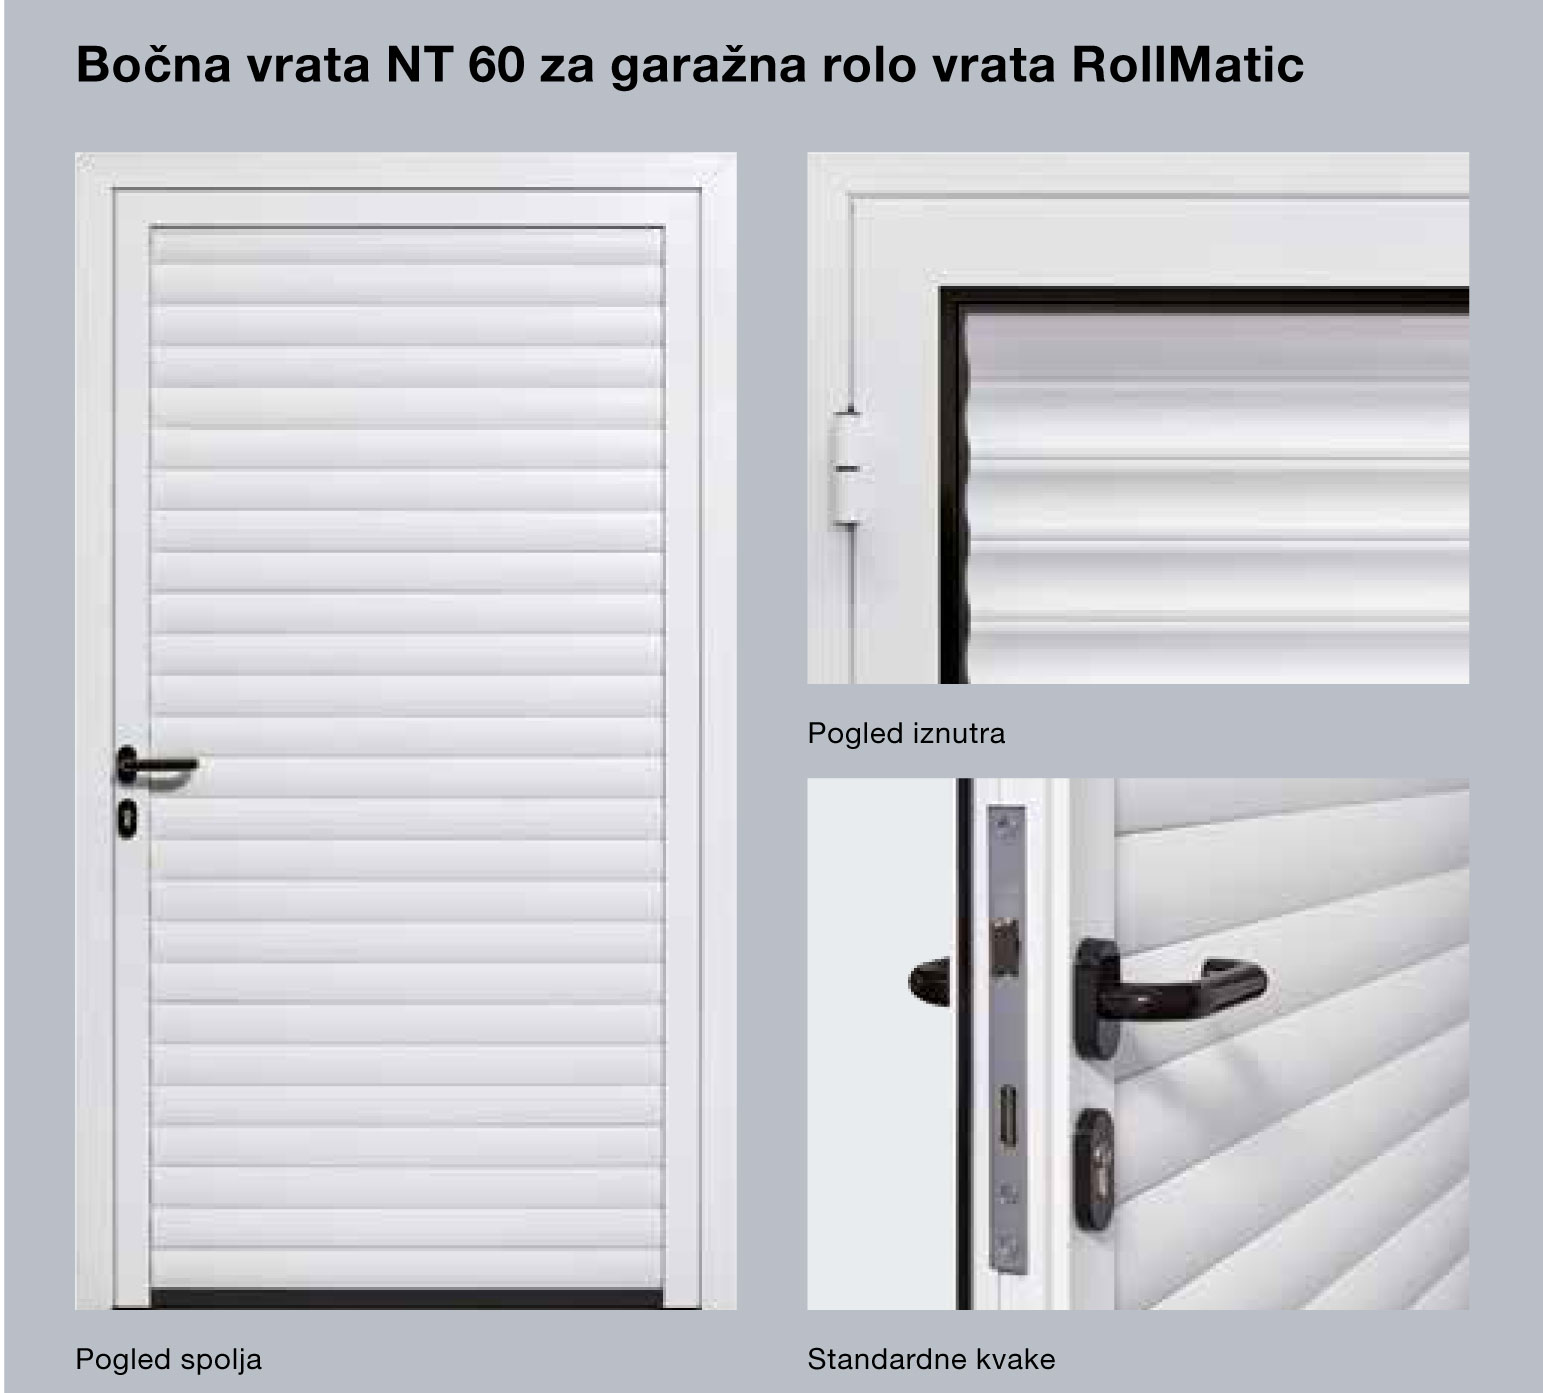 Bočna vrata NT 60 za garažna rolo vrata RollMatic